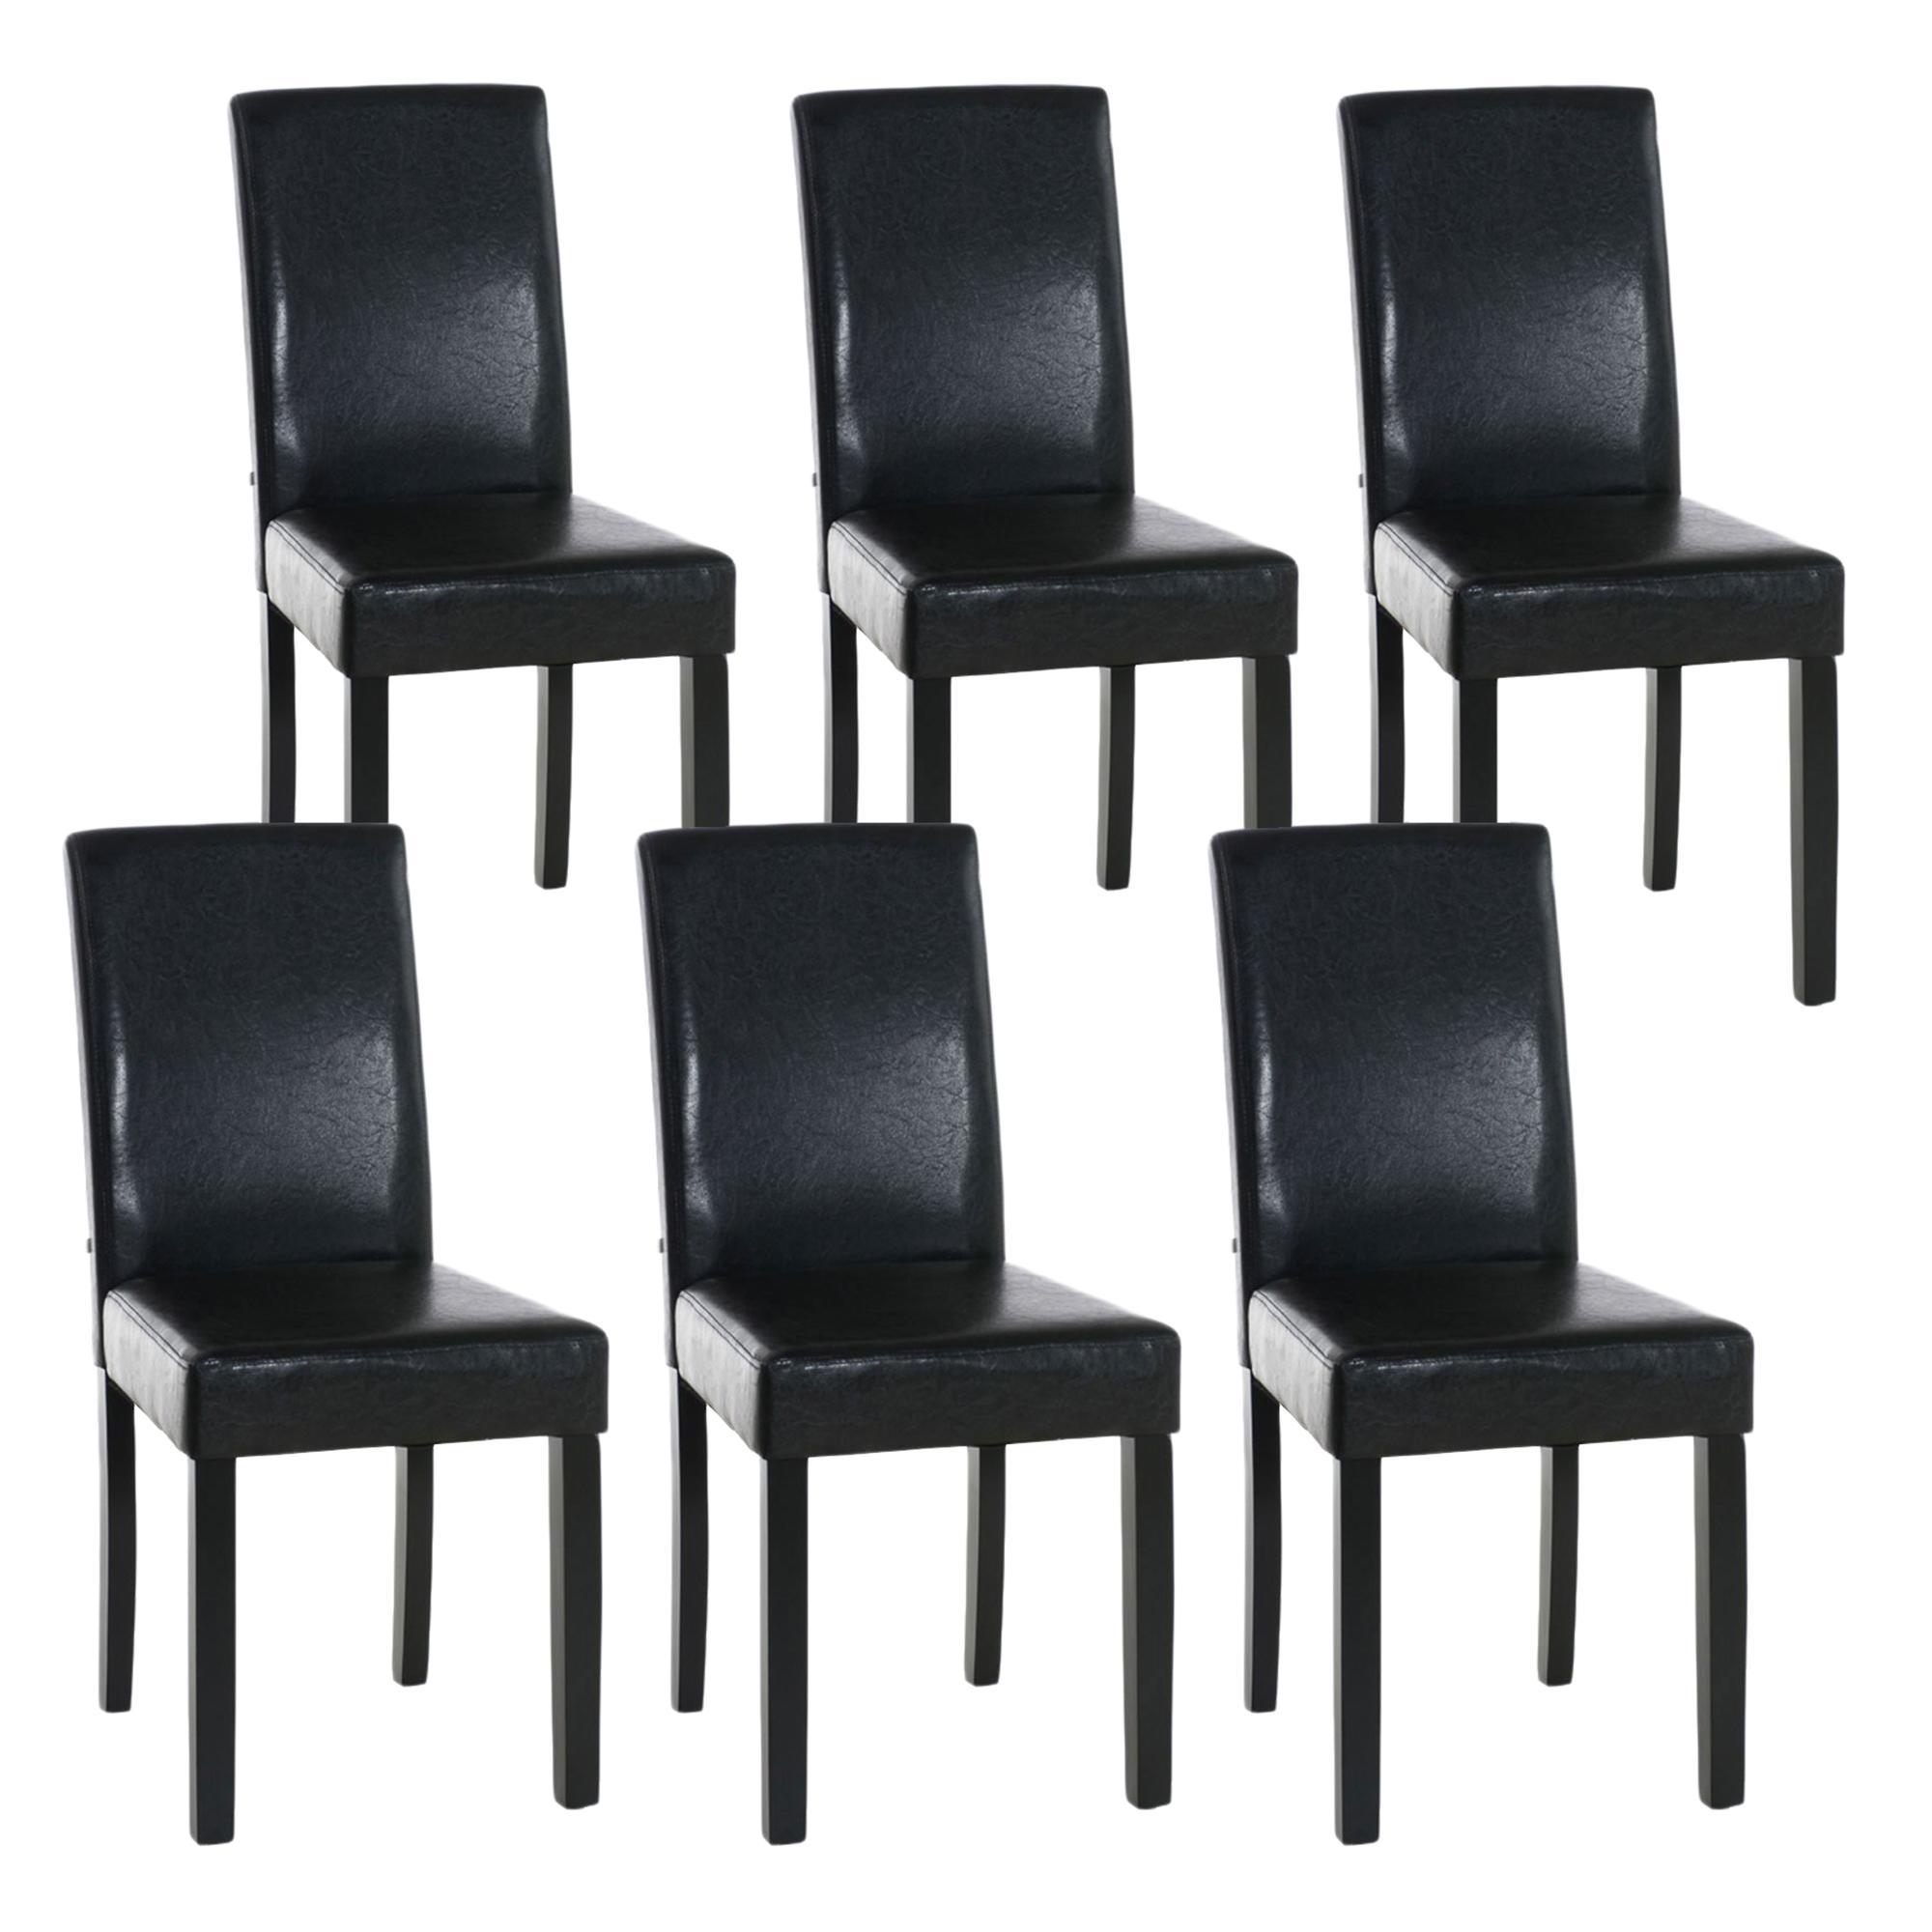 Lote de 6 sillas de comedor capri muy c modas y robustas for Sillas de comedor de piel